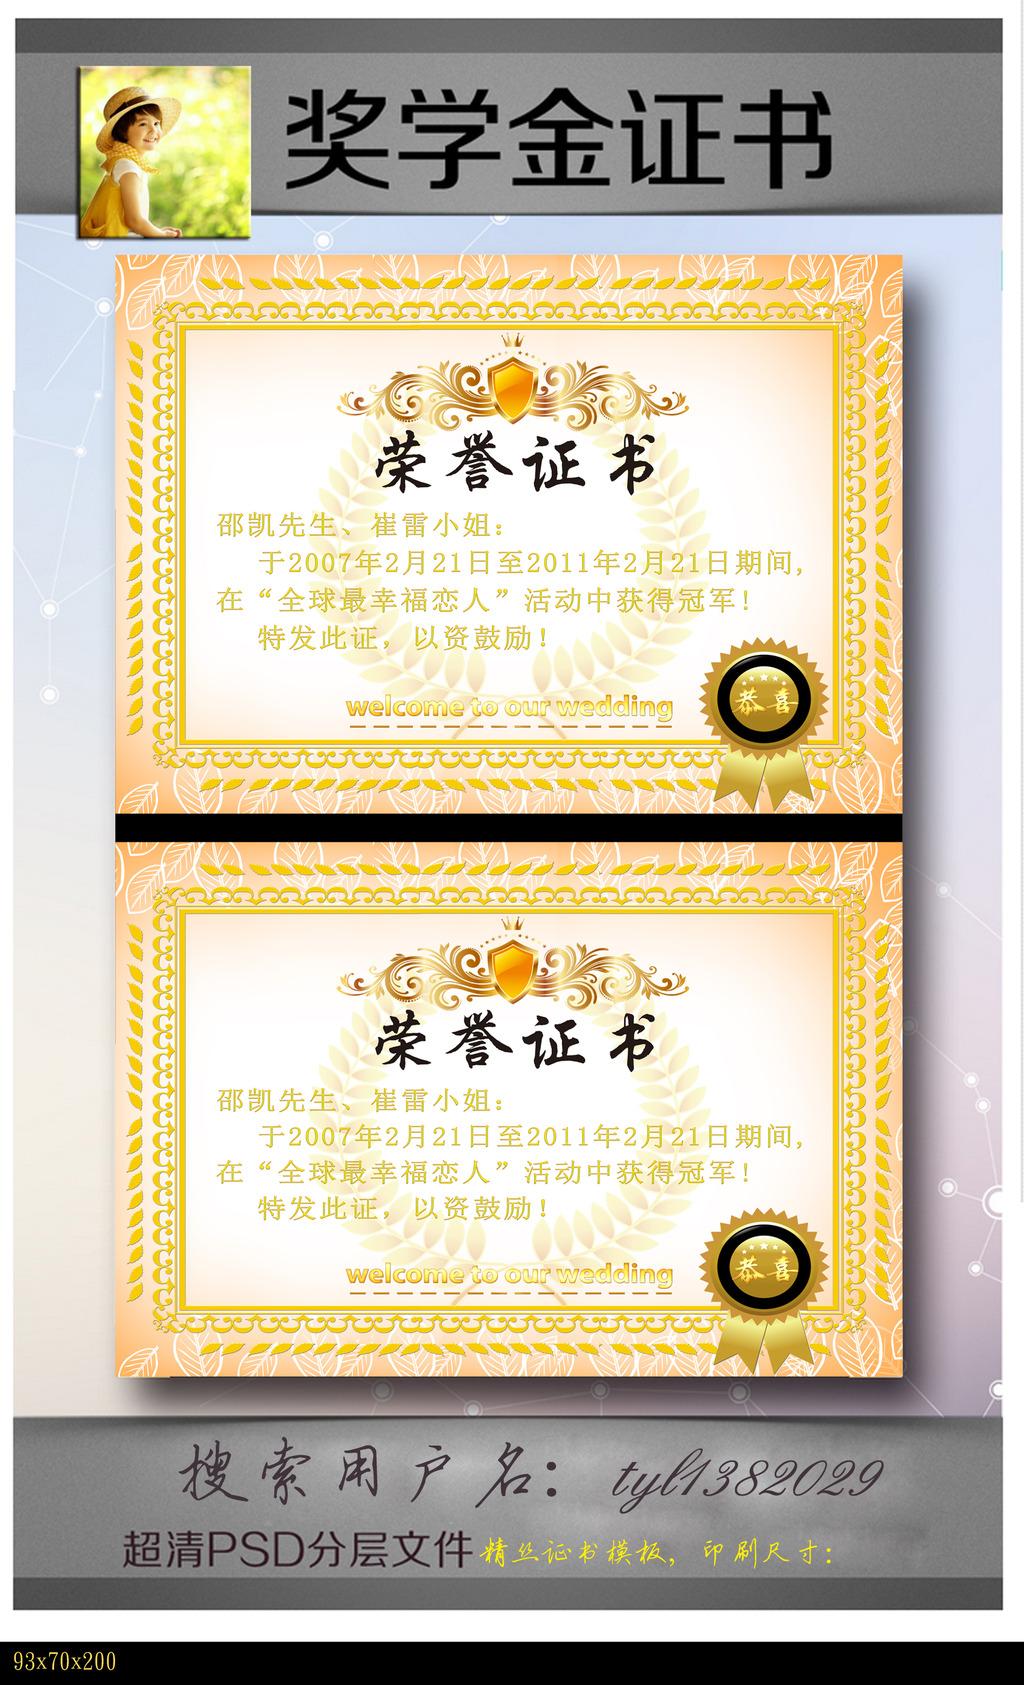 奖状 冠军奖 荣誉证书设计模板 获奖嘉宾 进步员工 最佳进步奖 员工图片